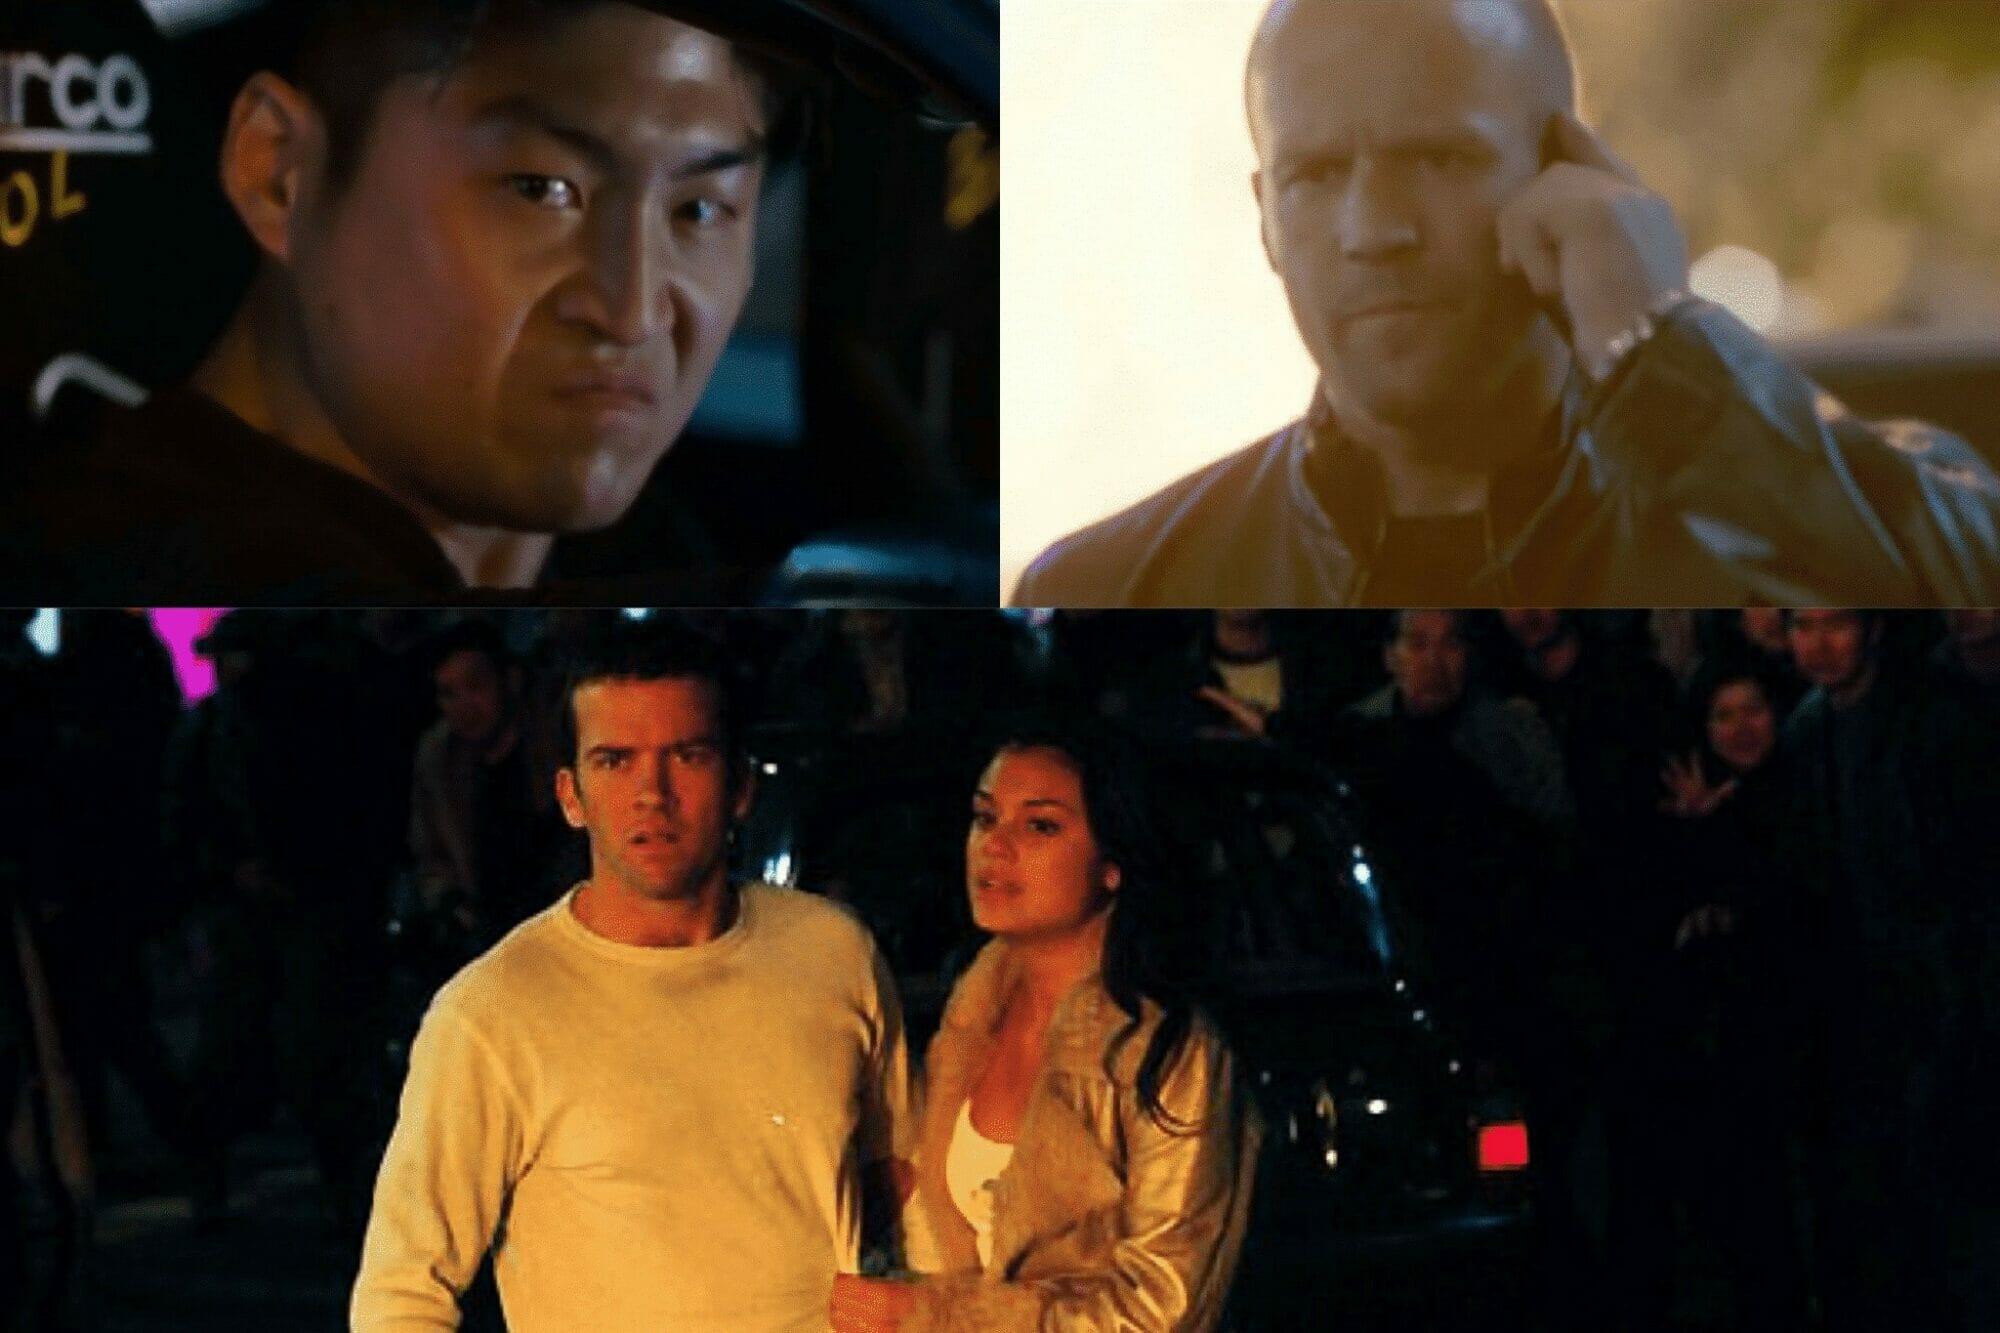 Han Lives - Han Lives! รวมความเป็นไปได้ที่ทำให้ ฮาน รอดกลับมาใน Fast & Furious 9